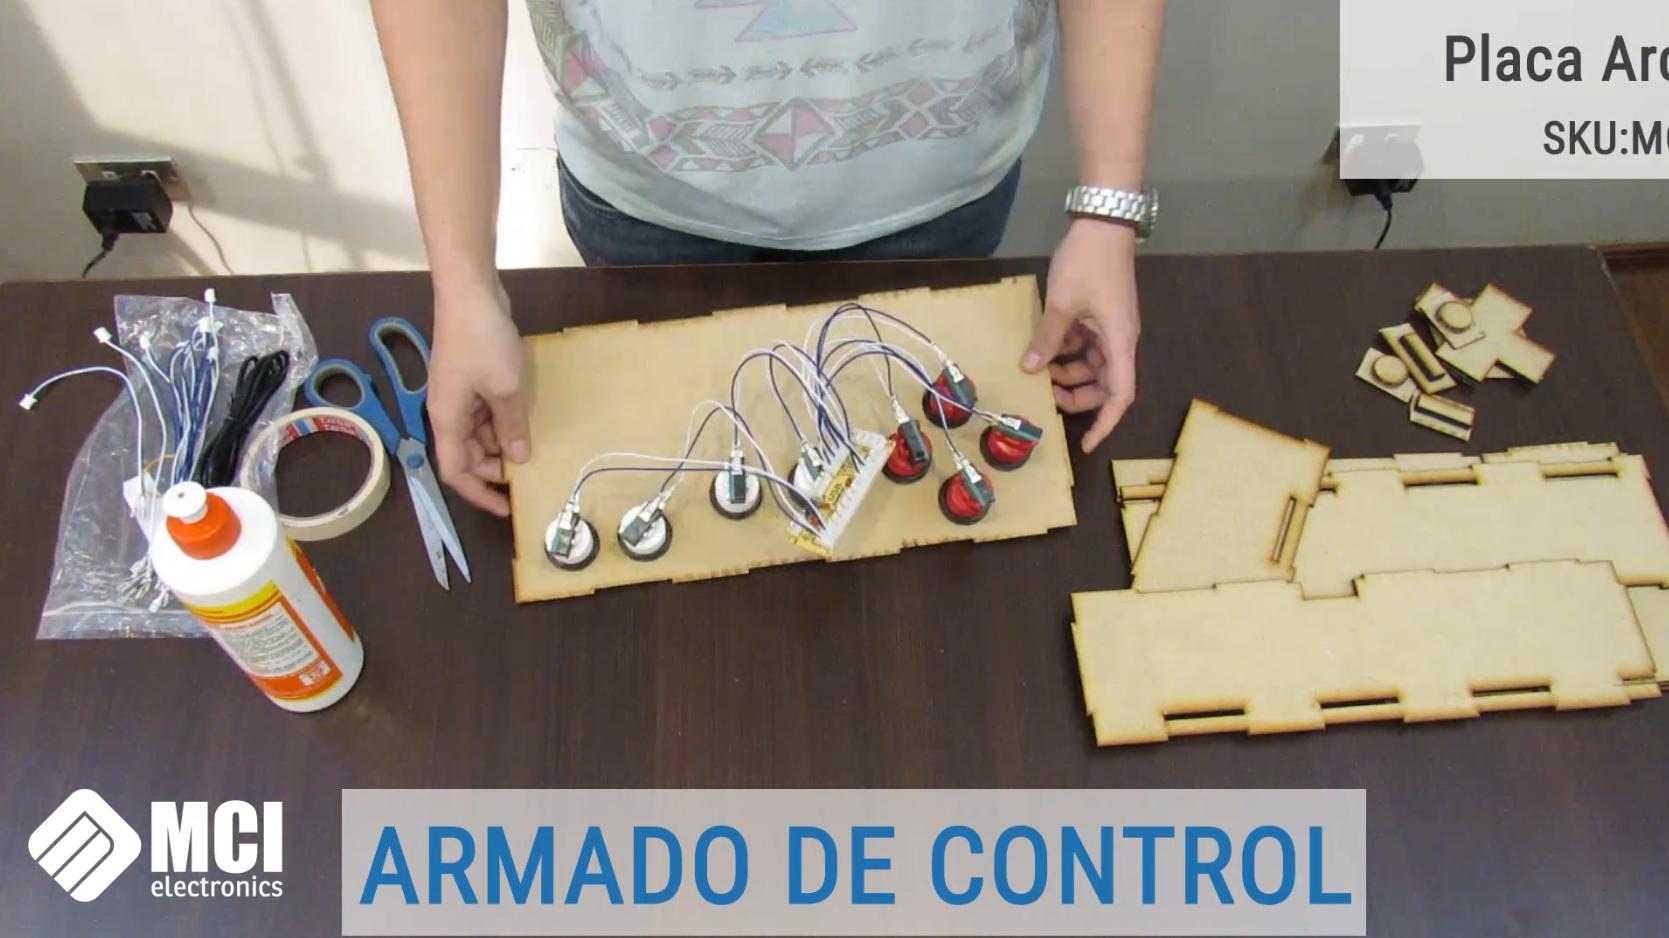 Picture of Armado De Control